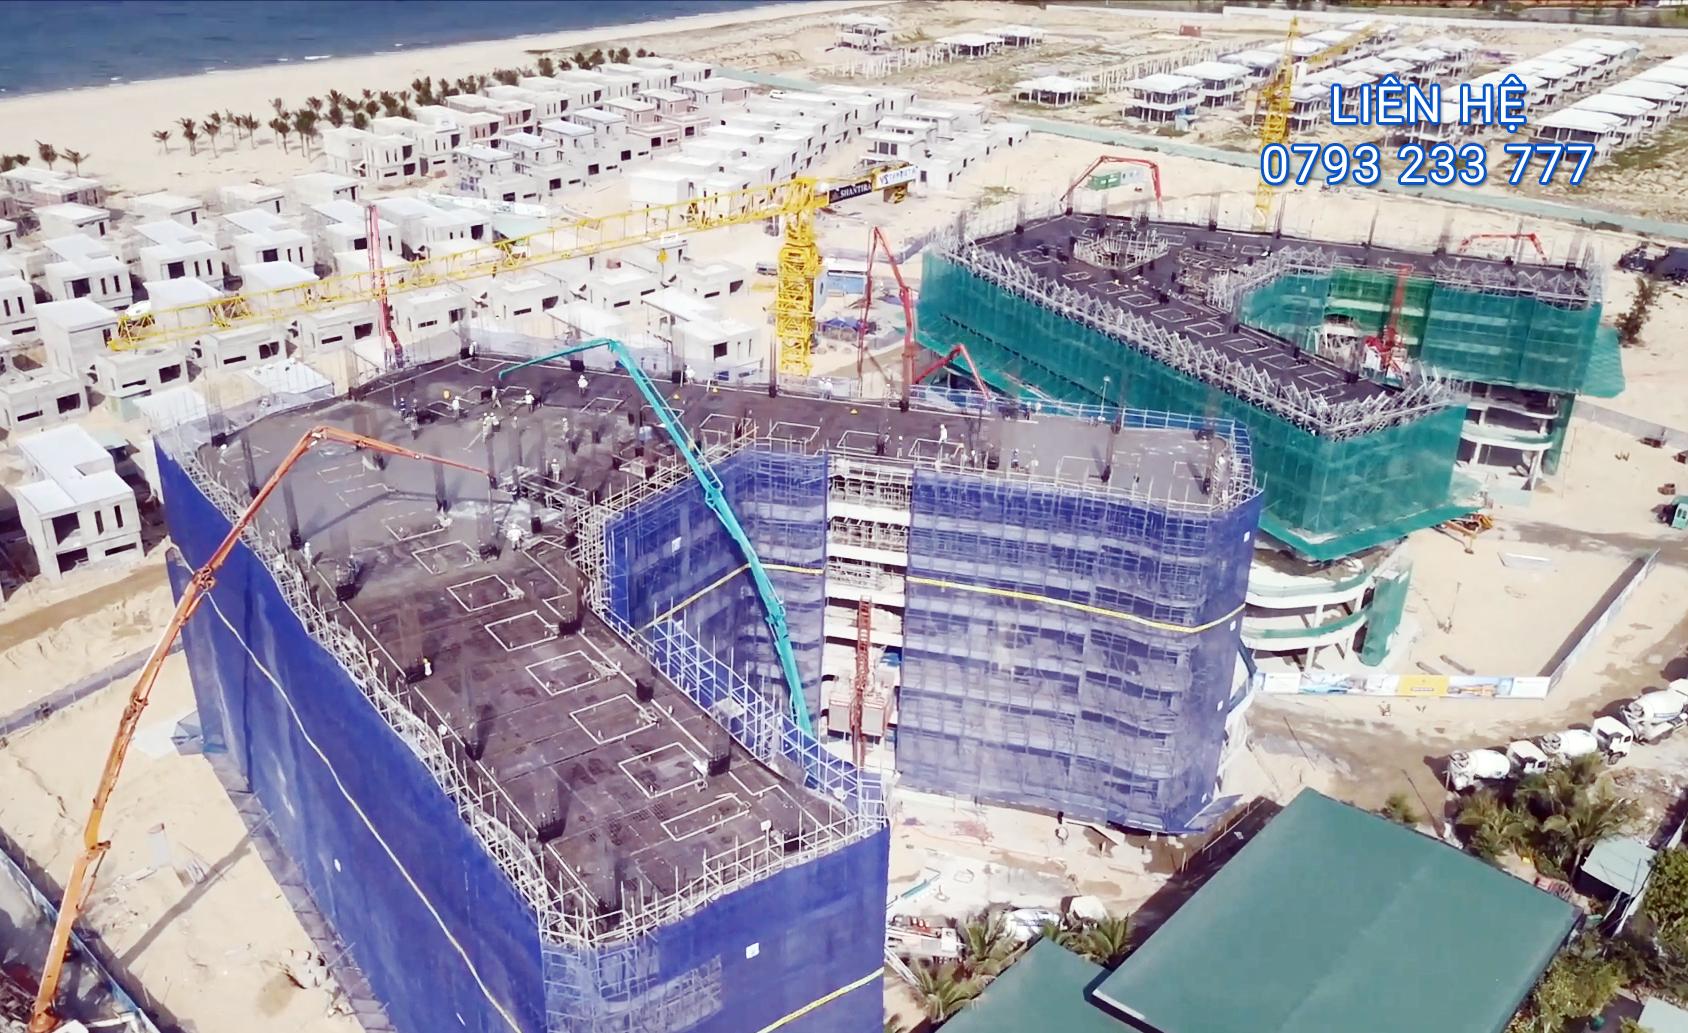 Tiến độ xây dựng Shantira Hội An